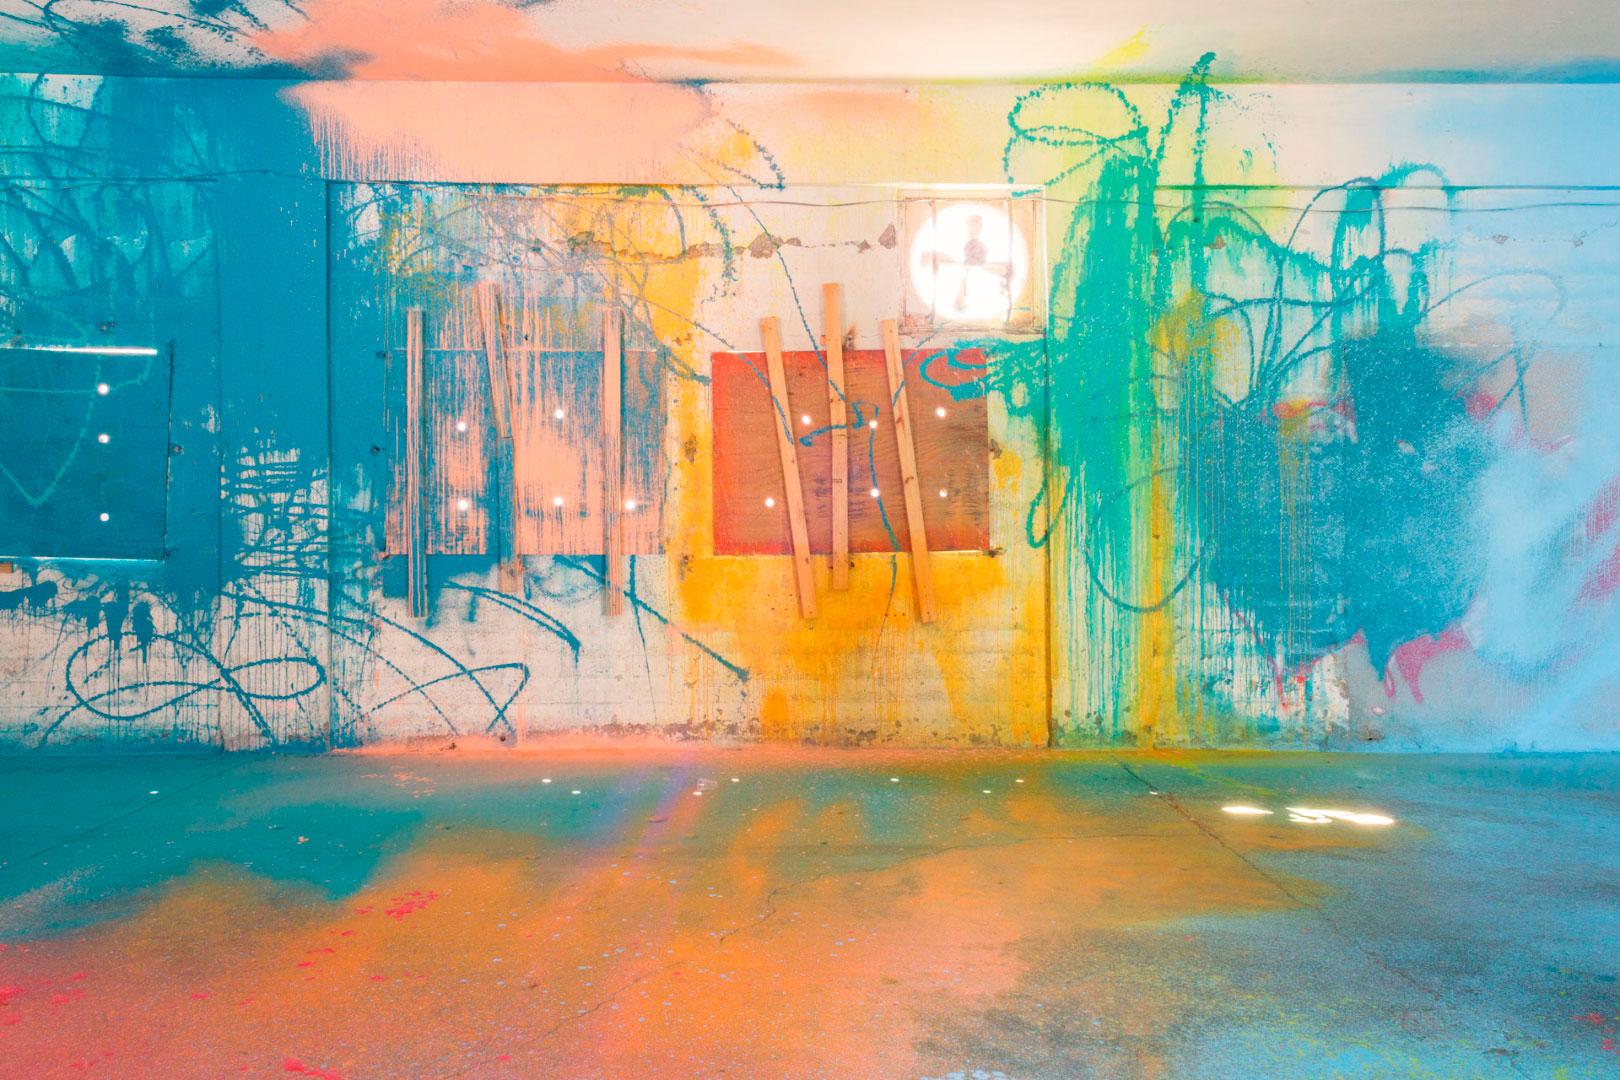 Farbe statt Tabak – Sofia Maldonado's Kalaña